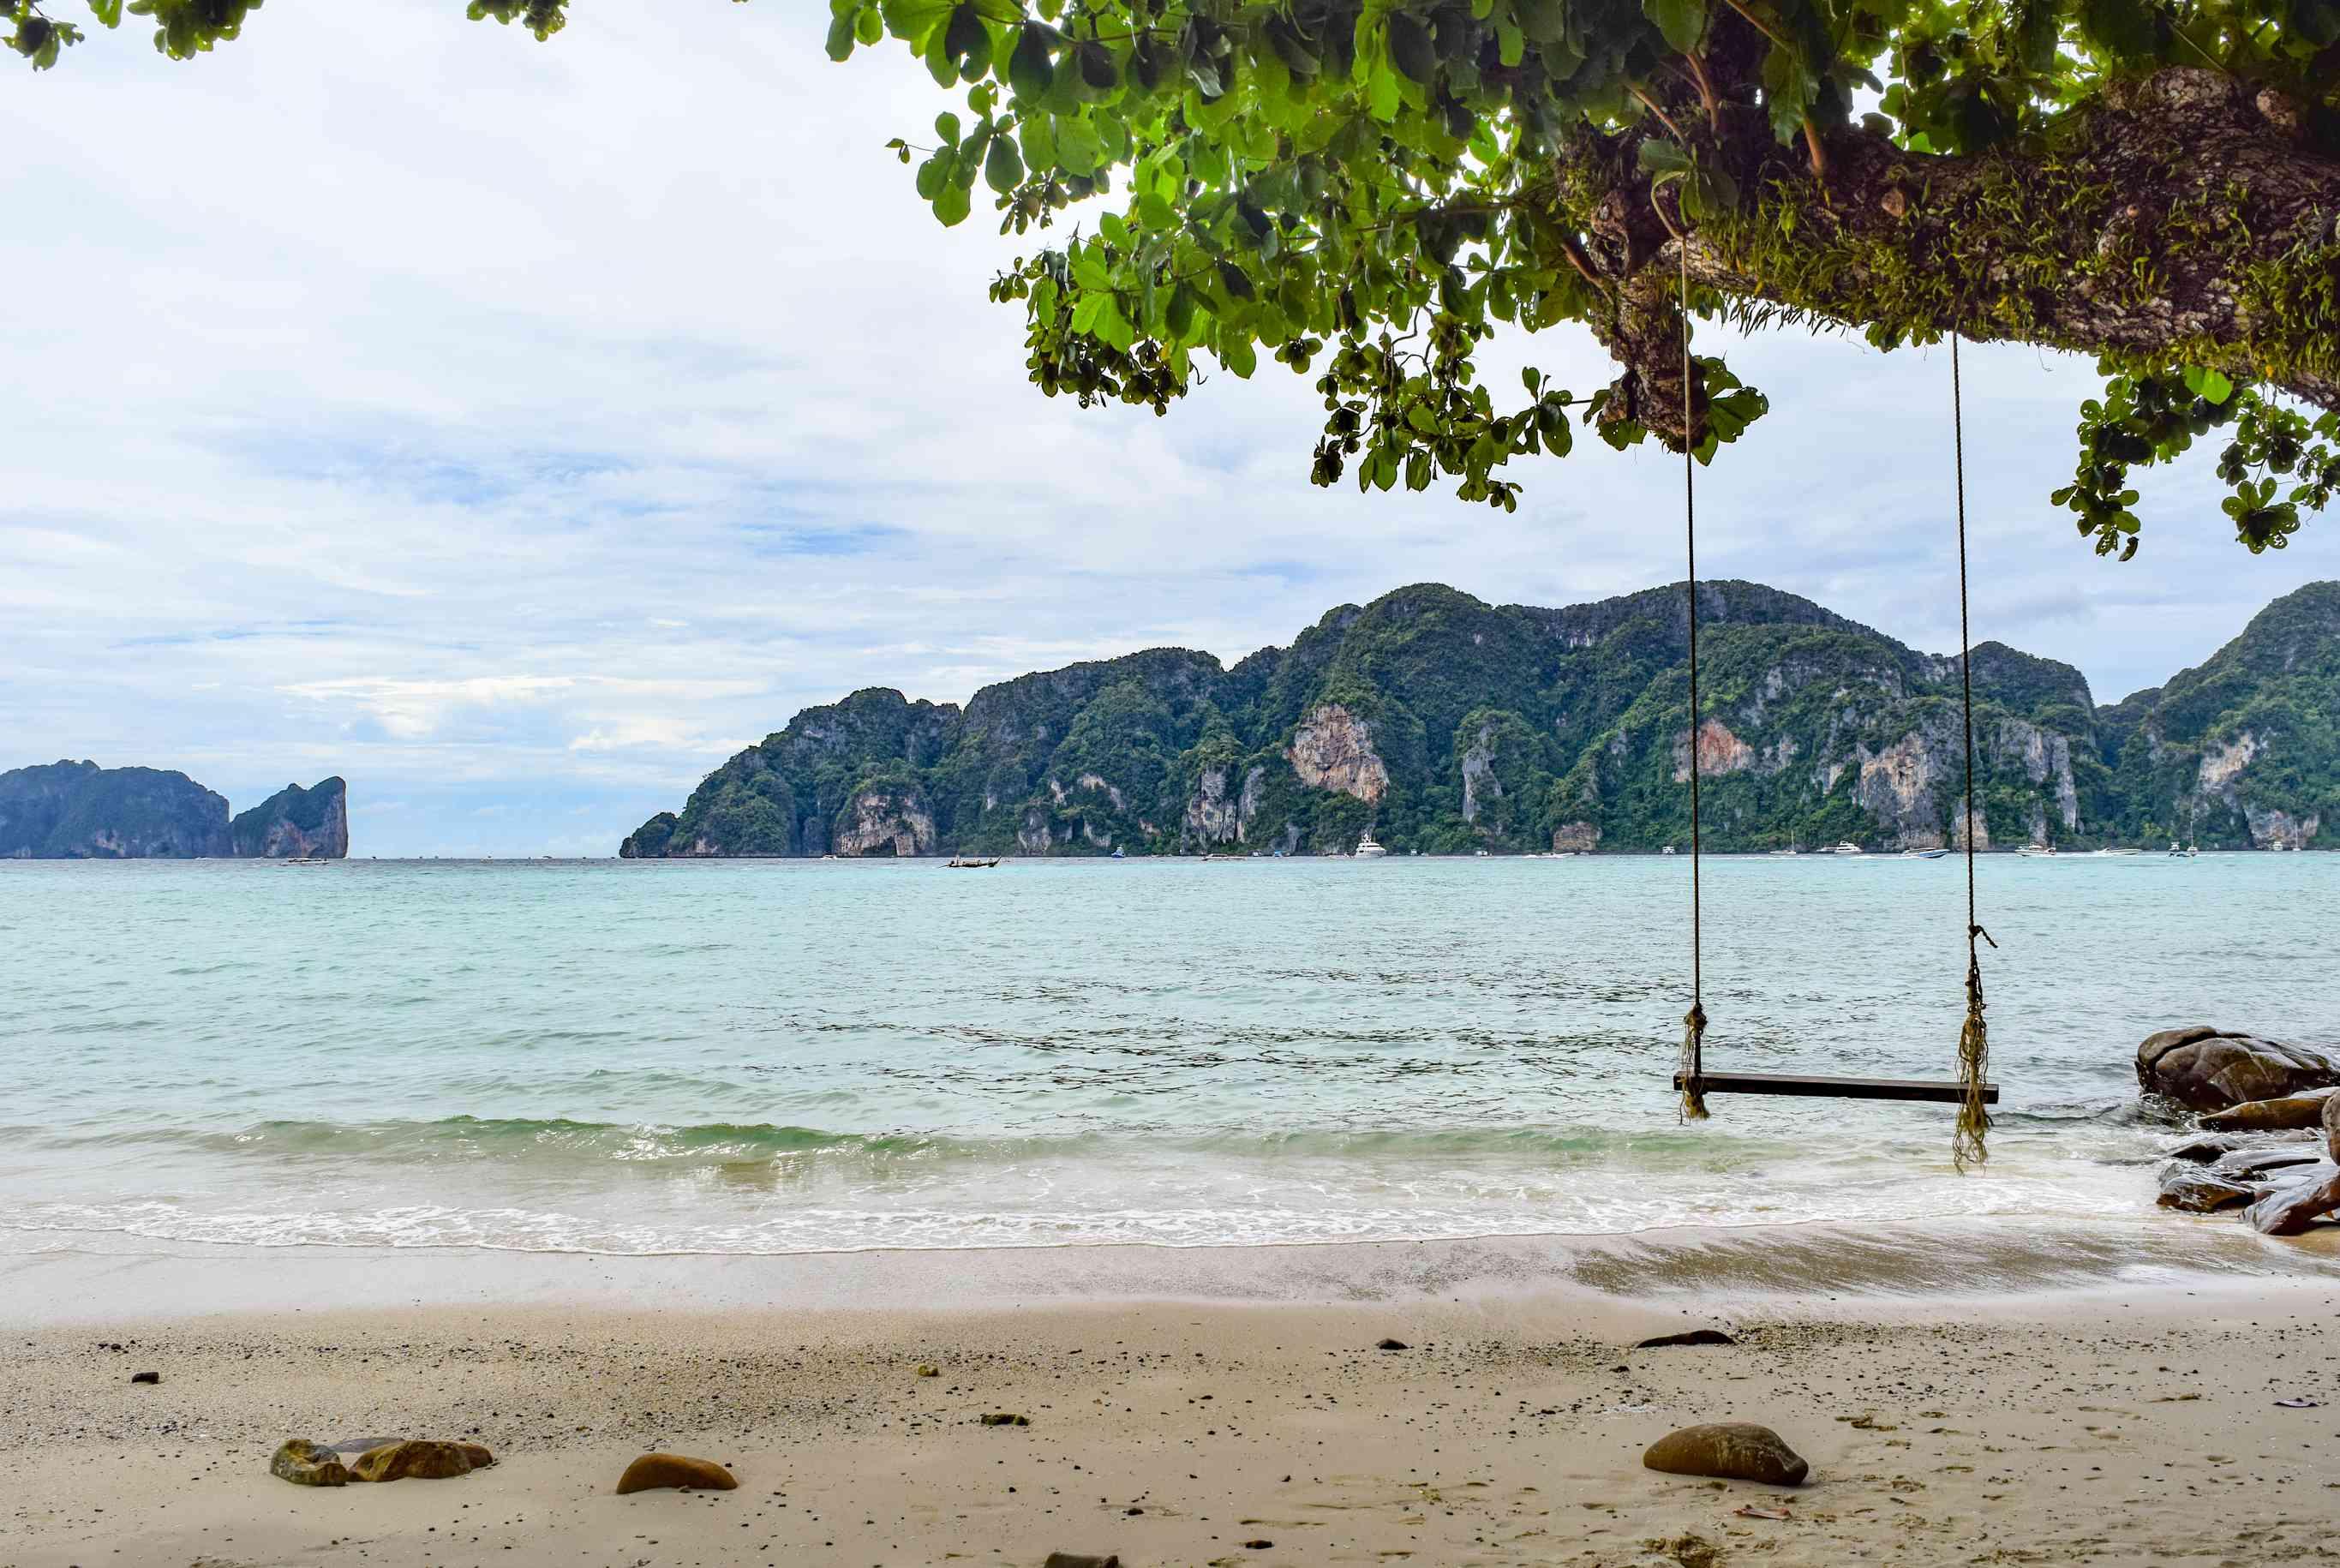 Rope swing on a beach in Koh Phi Phi